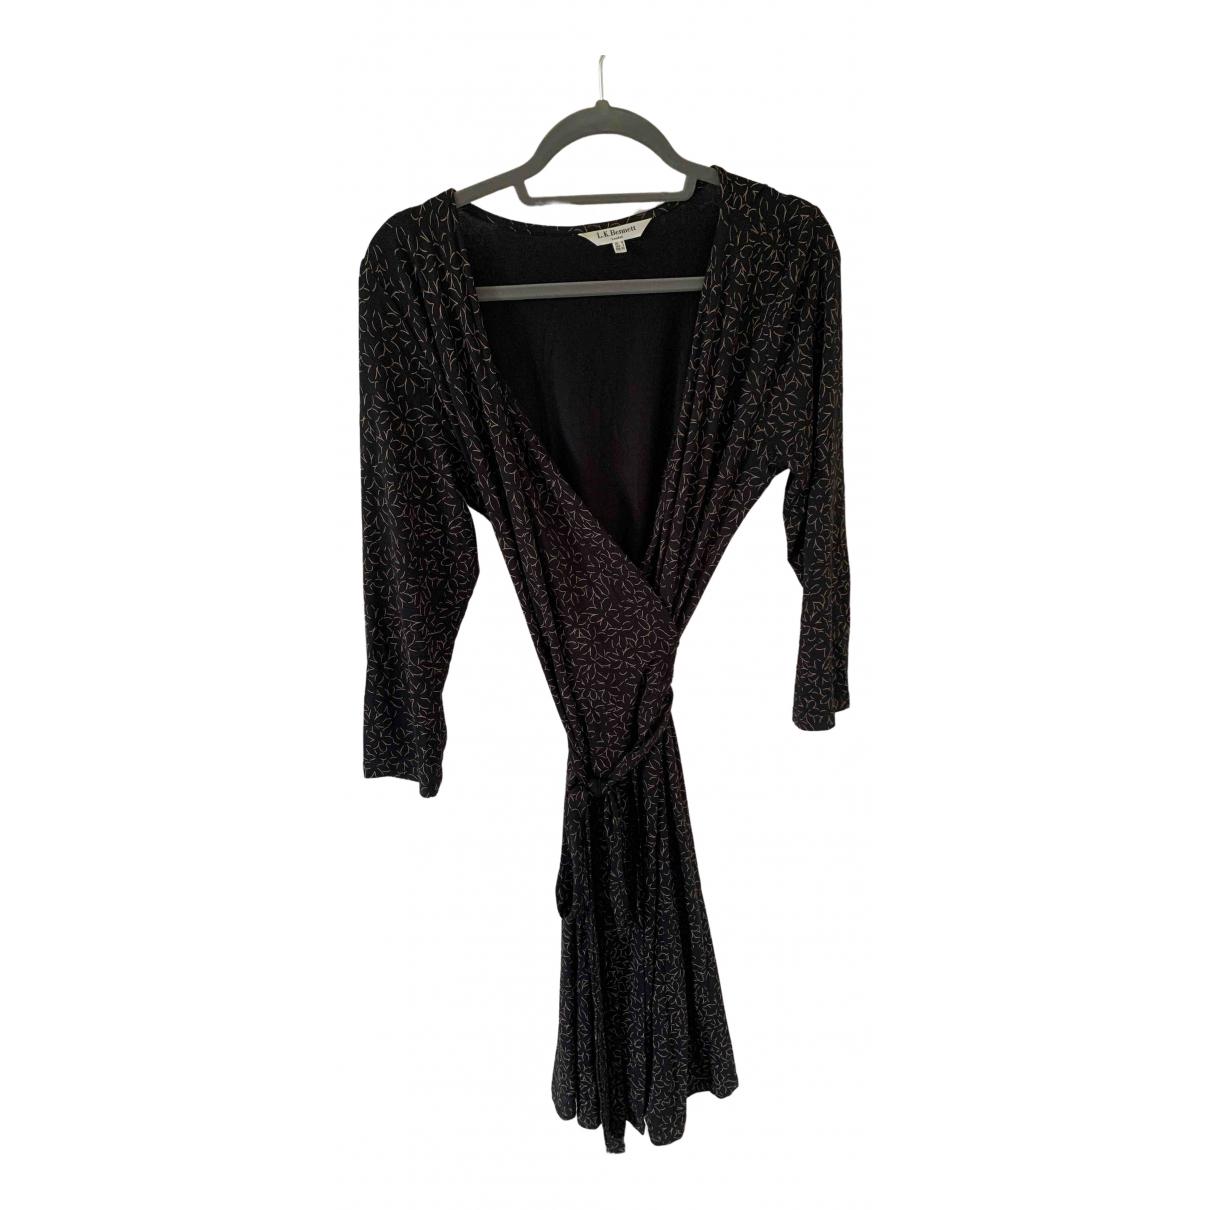 Lk Bennett \N Kleid in  Schwarz Viskose